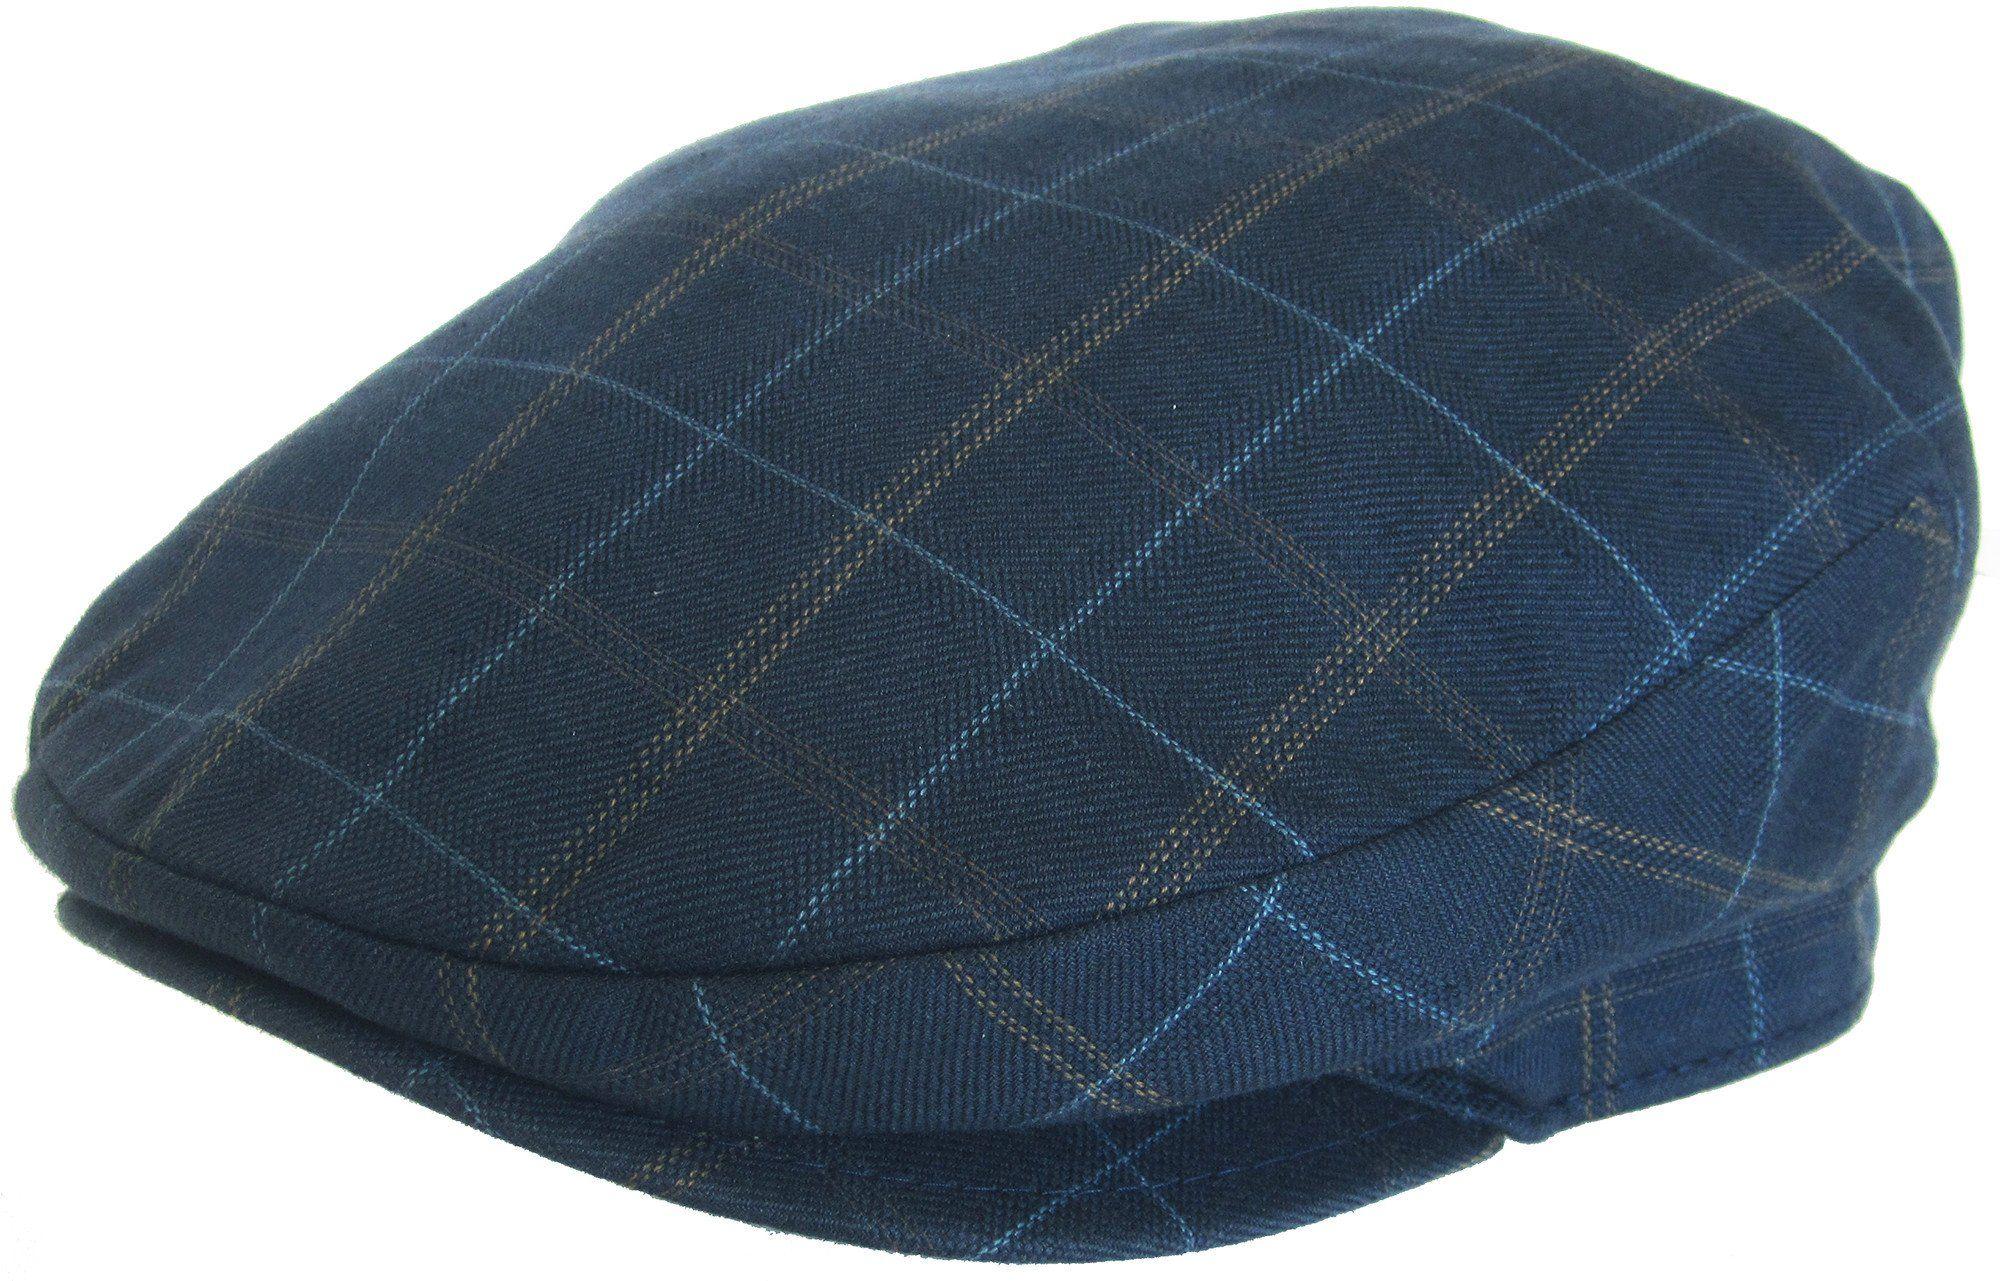 Goorin Bros Jon Paul Cotton Linen Ivy Cap 5 Point Driver Hat Newsboy ... f3c6a4dccf5b